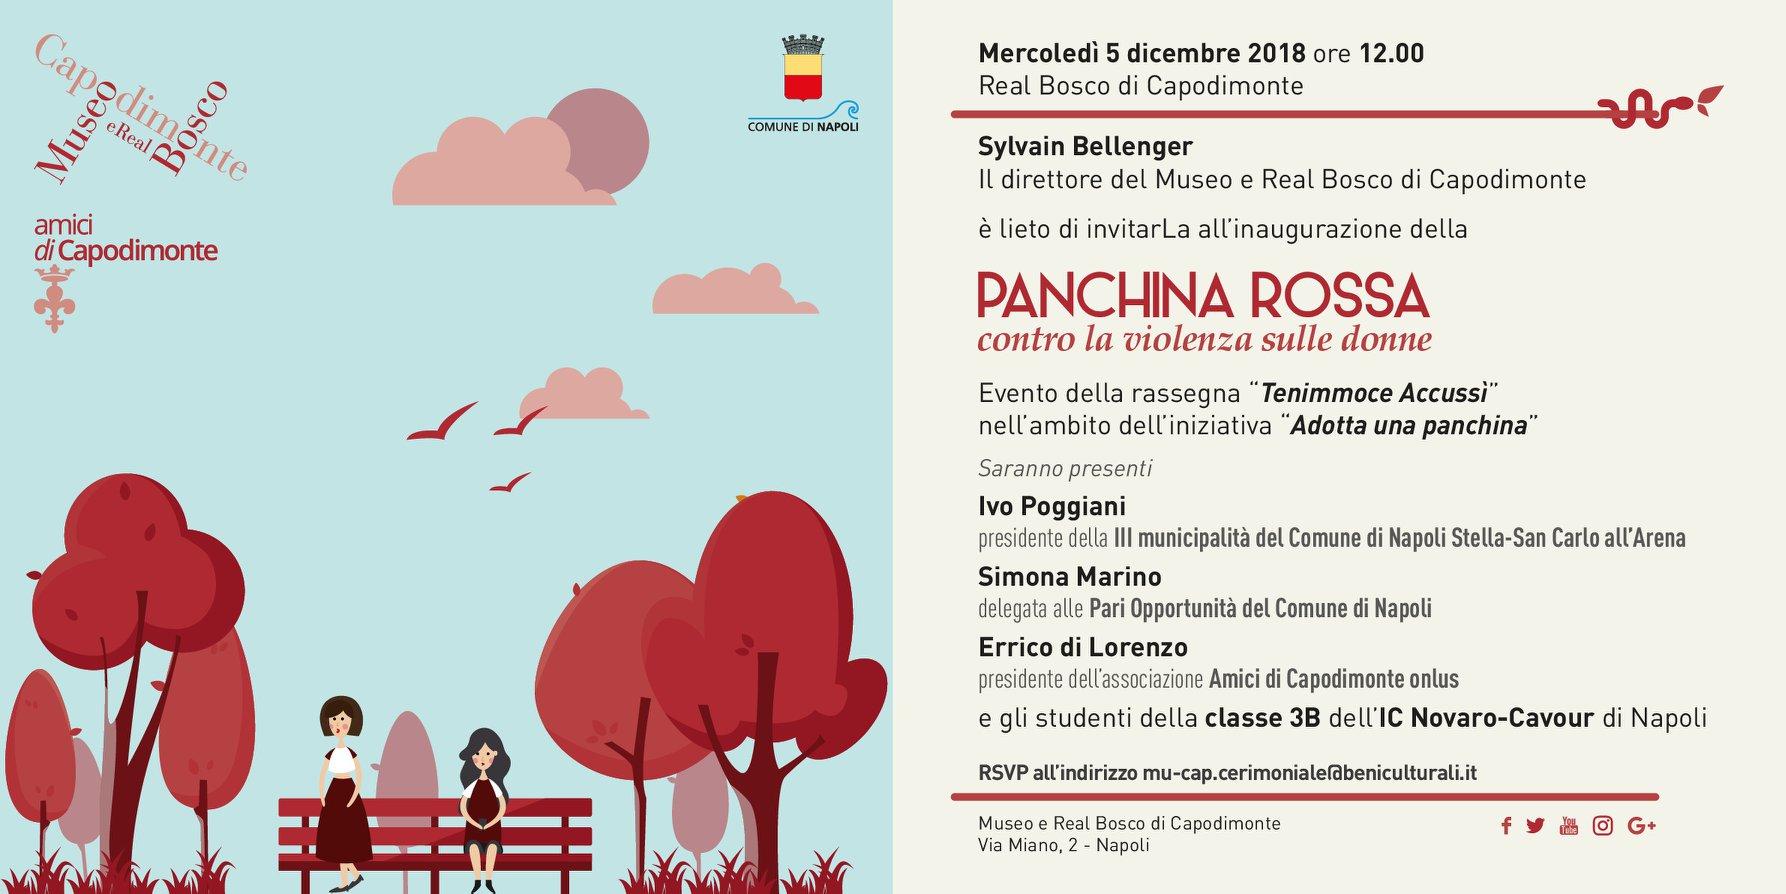 La prima panchina rossa a Napoli. L'evento al Bosco di Capodimonte